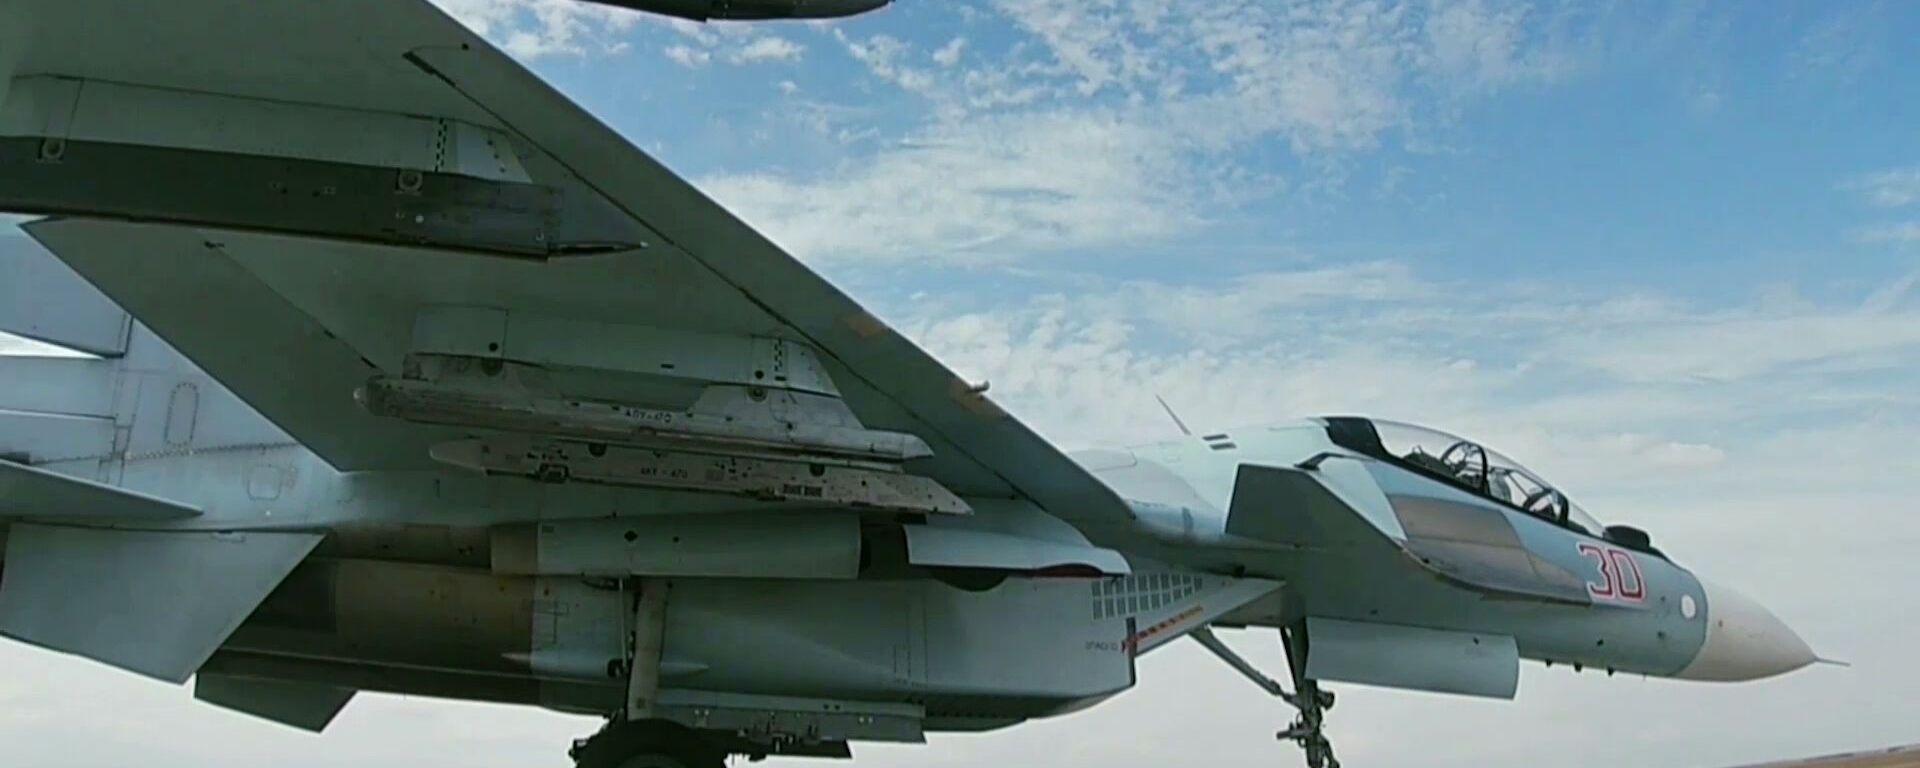 Истребитель Су-30 на стратегических командно-штабных учениях Кавказ-2020 - Sputnik Тоҷикистон, 1920, 01.10.2021